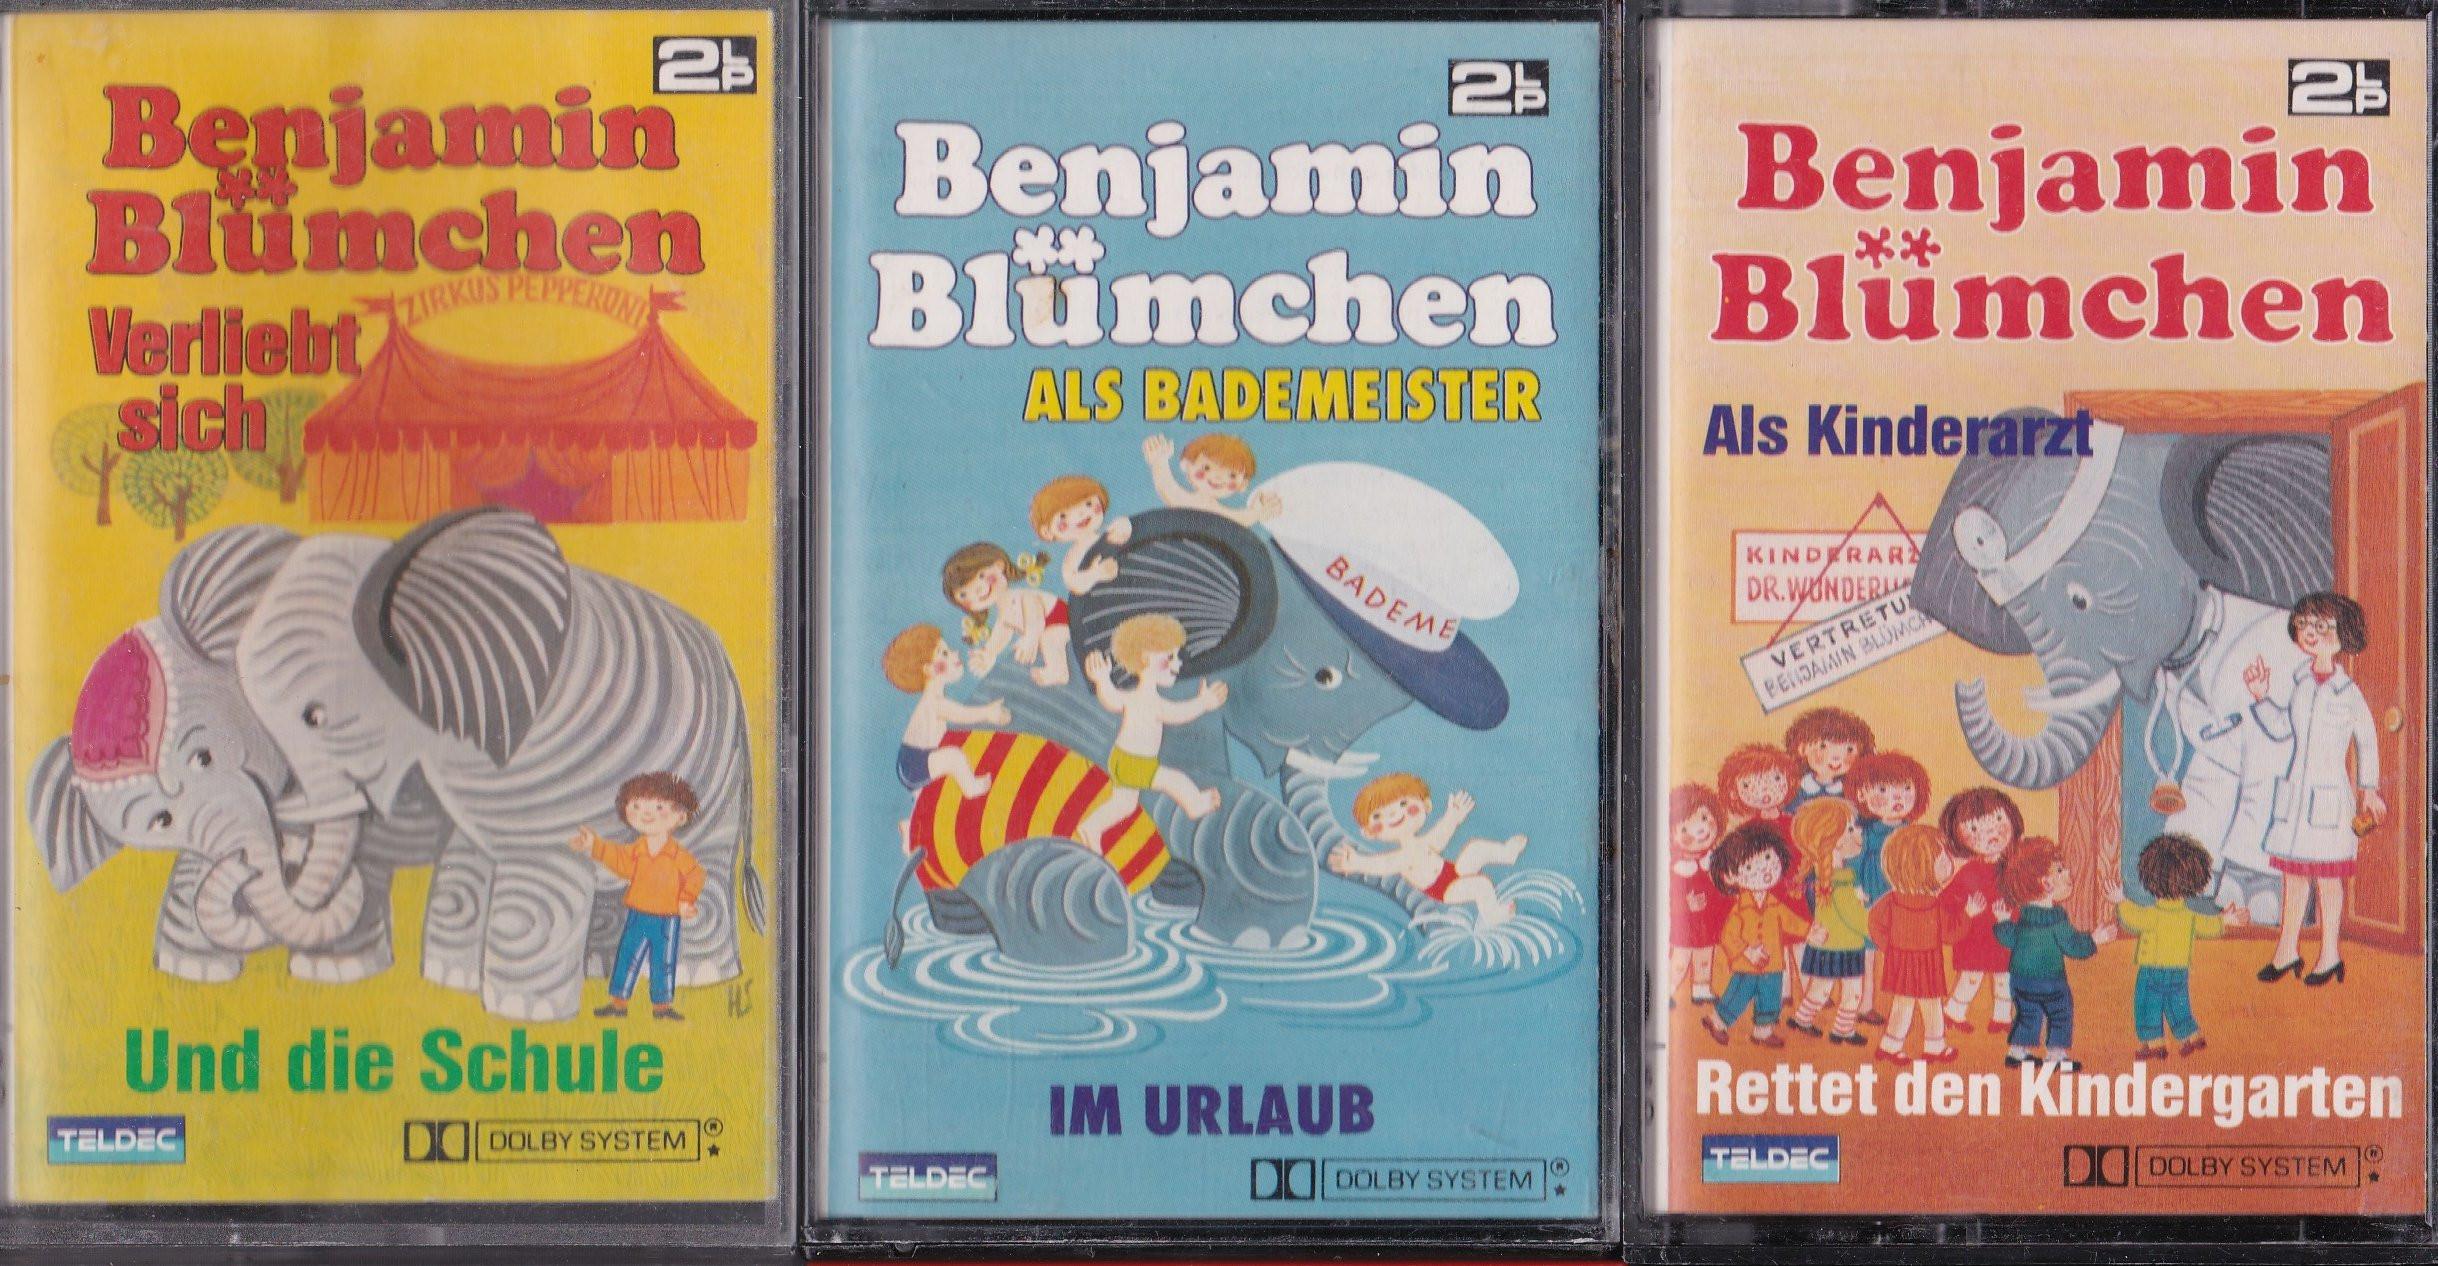 MC Kiosk/Teldec Benjamin Blümchen Doppel-Folgen-Paket (3 MCs)